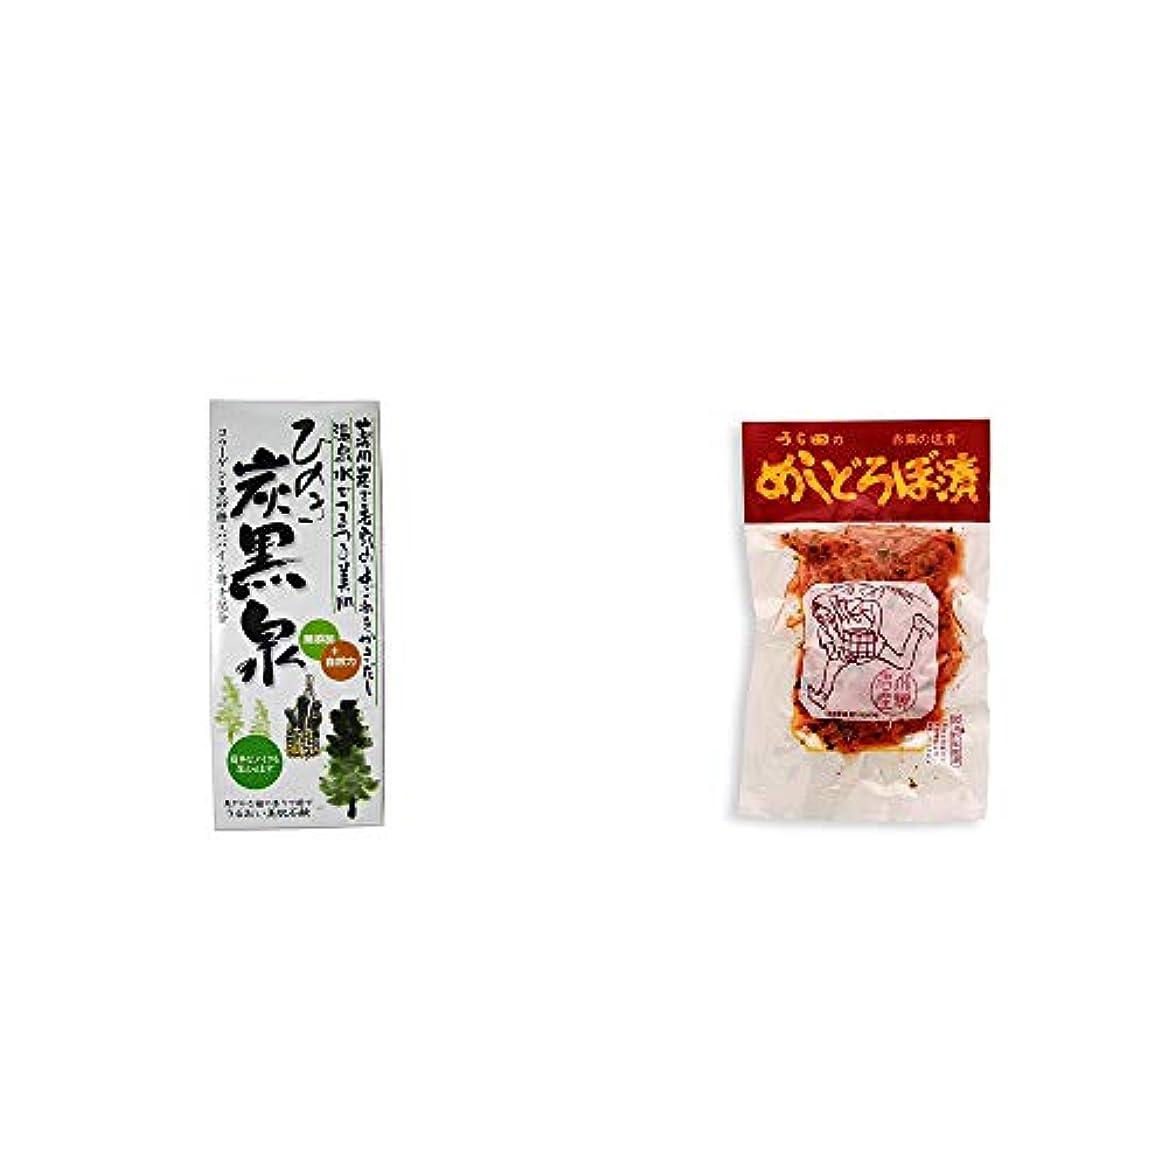 秋優先それる[2点セット] ひのき炭黒泉 箱入り(75g×3)?うら田 めしどろぼ漬(180g)